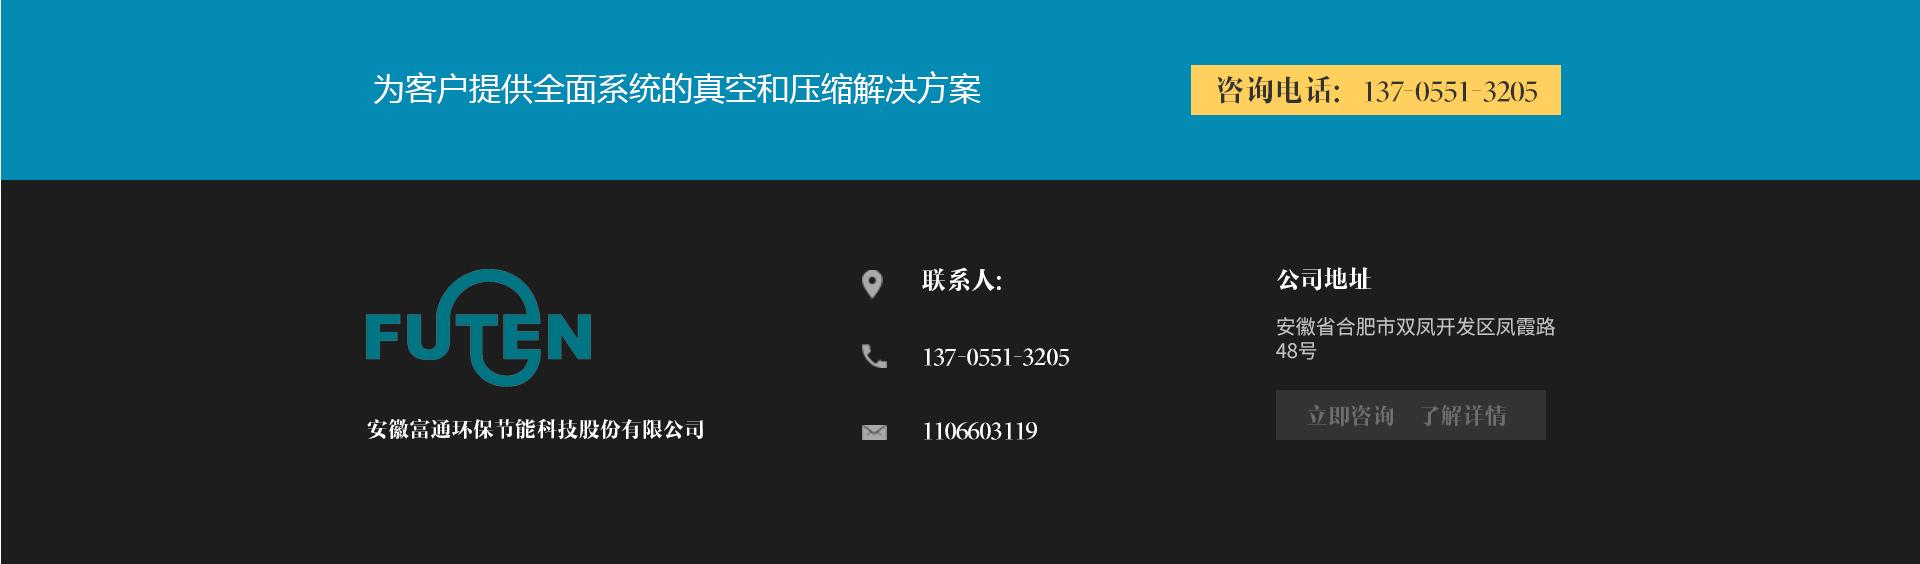 安徽雷火电竞app官网下载联系方式